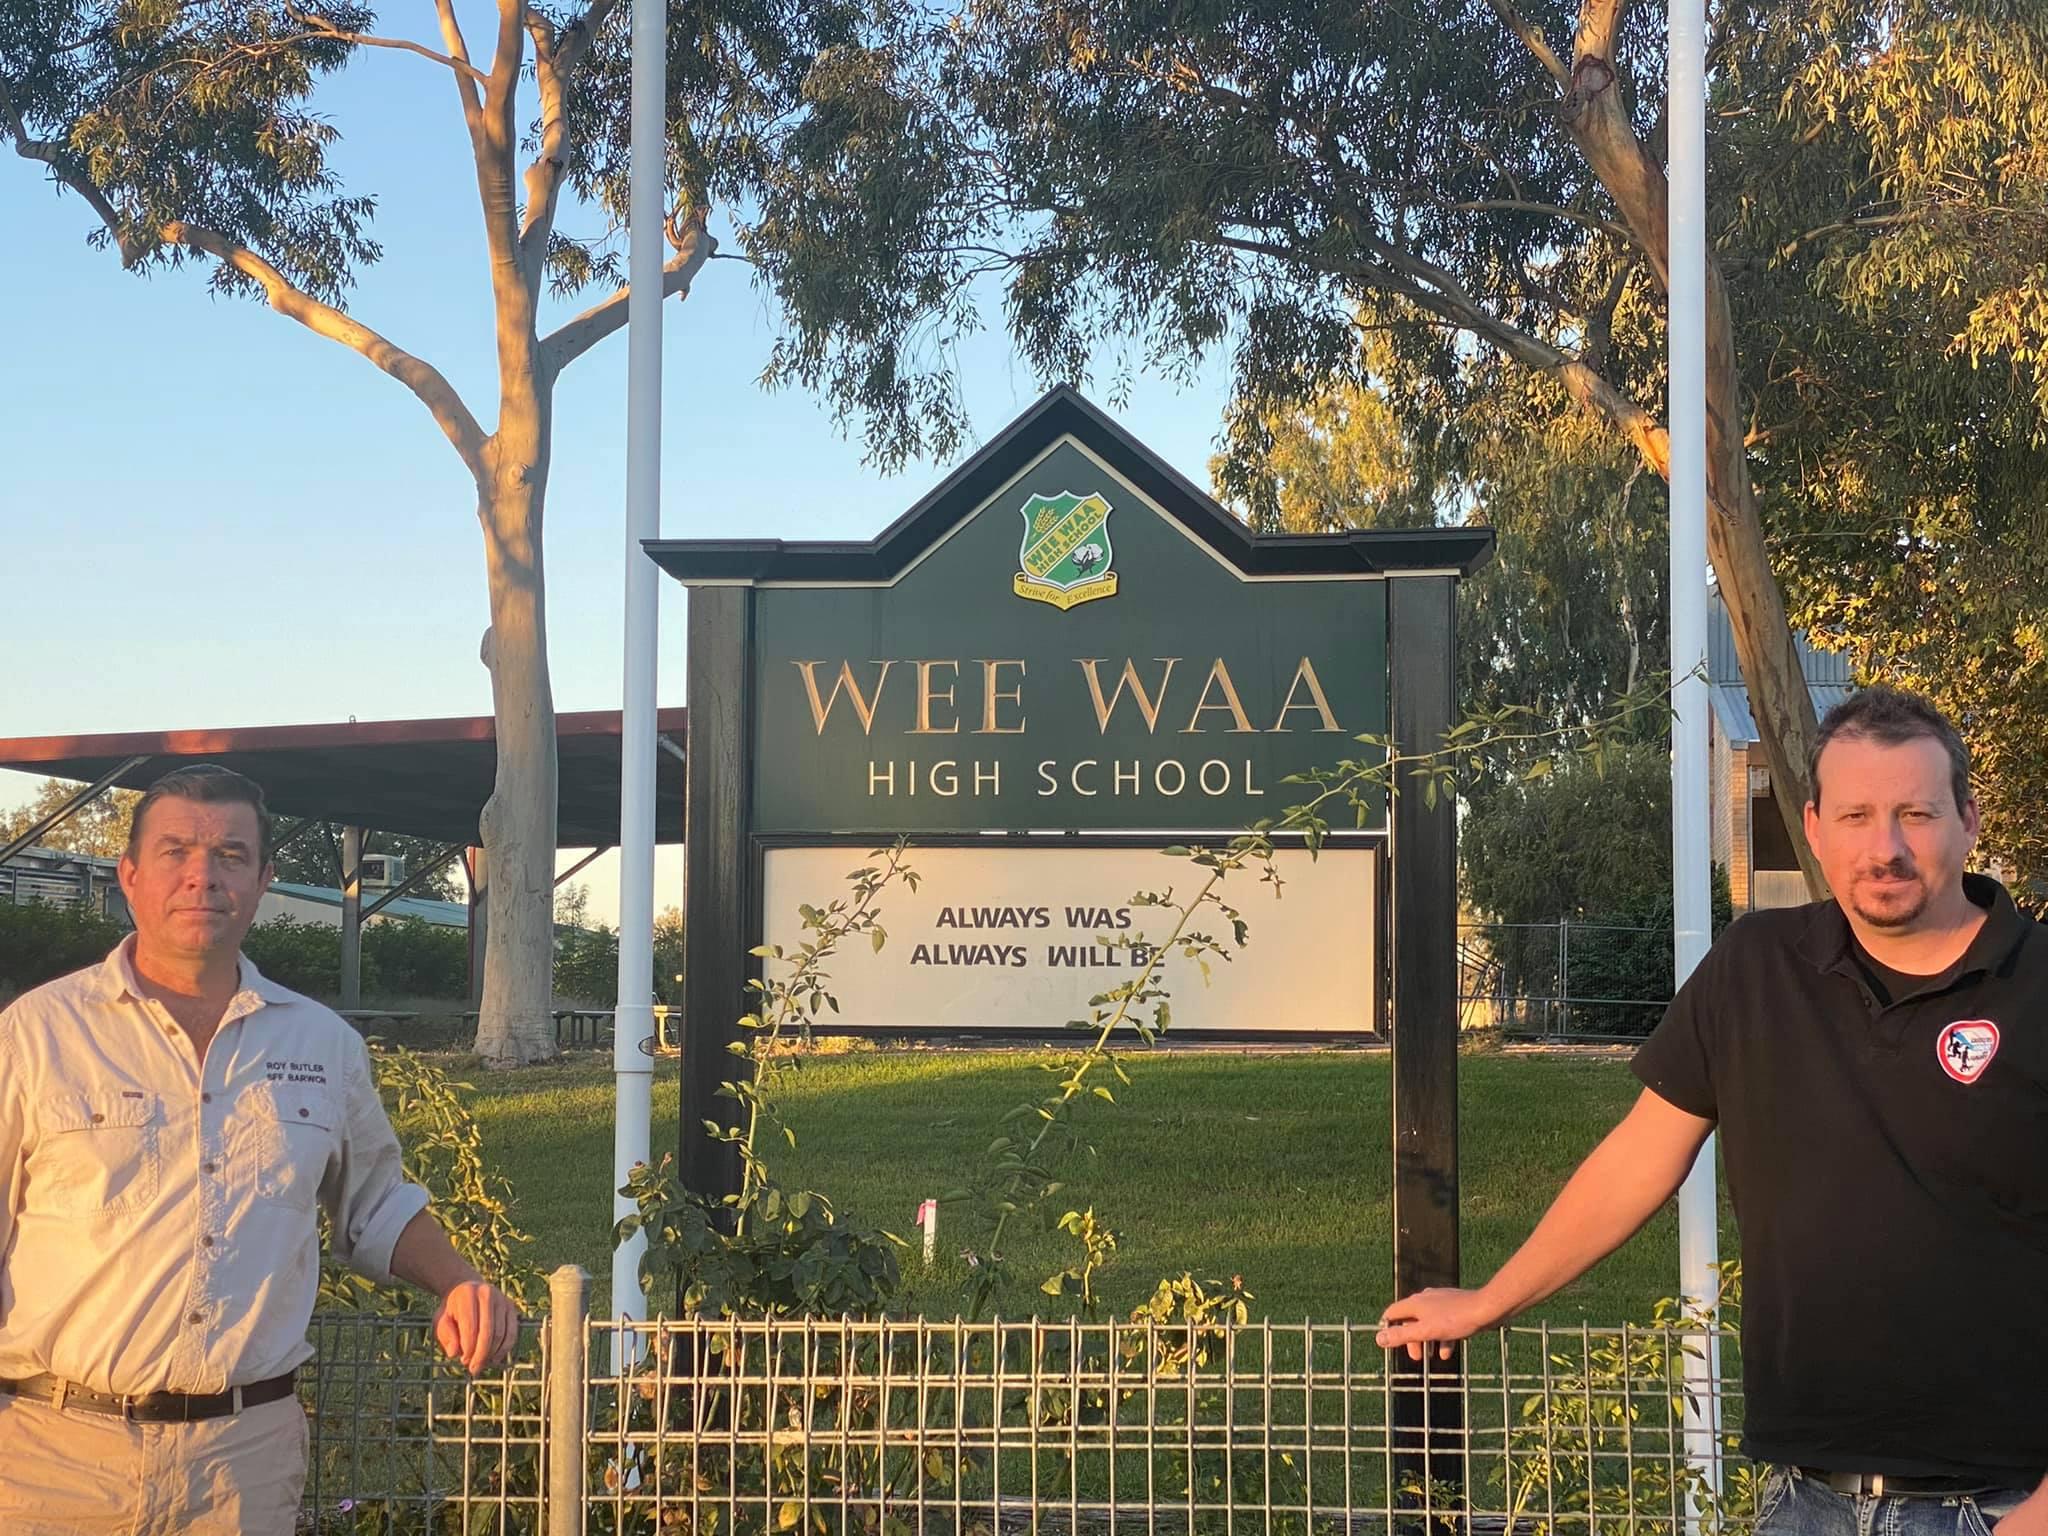 Wee Waa High School update Image